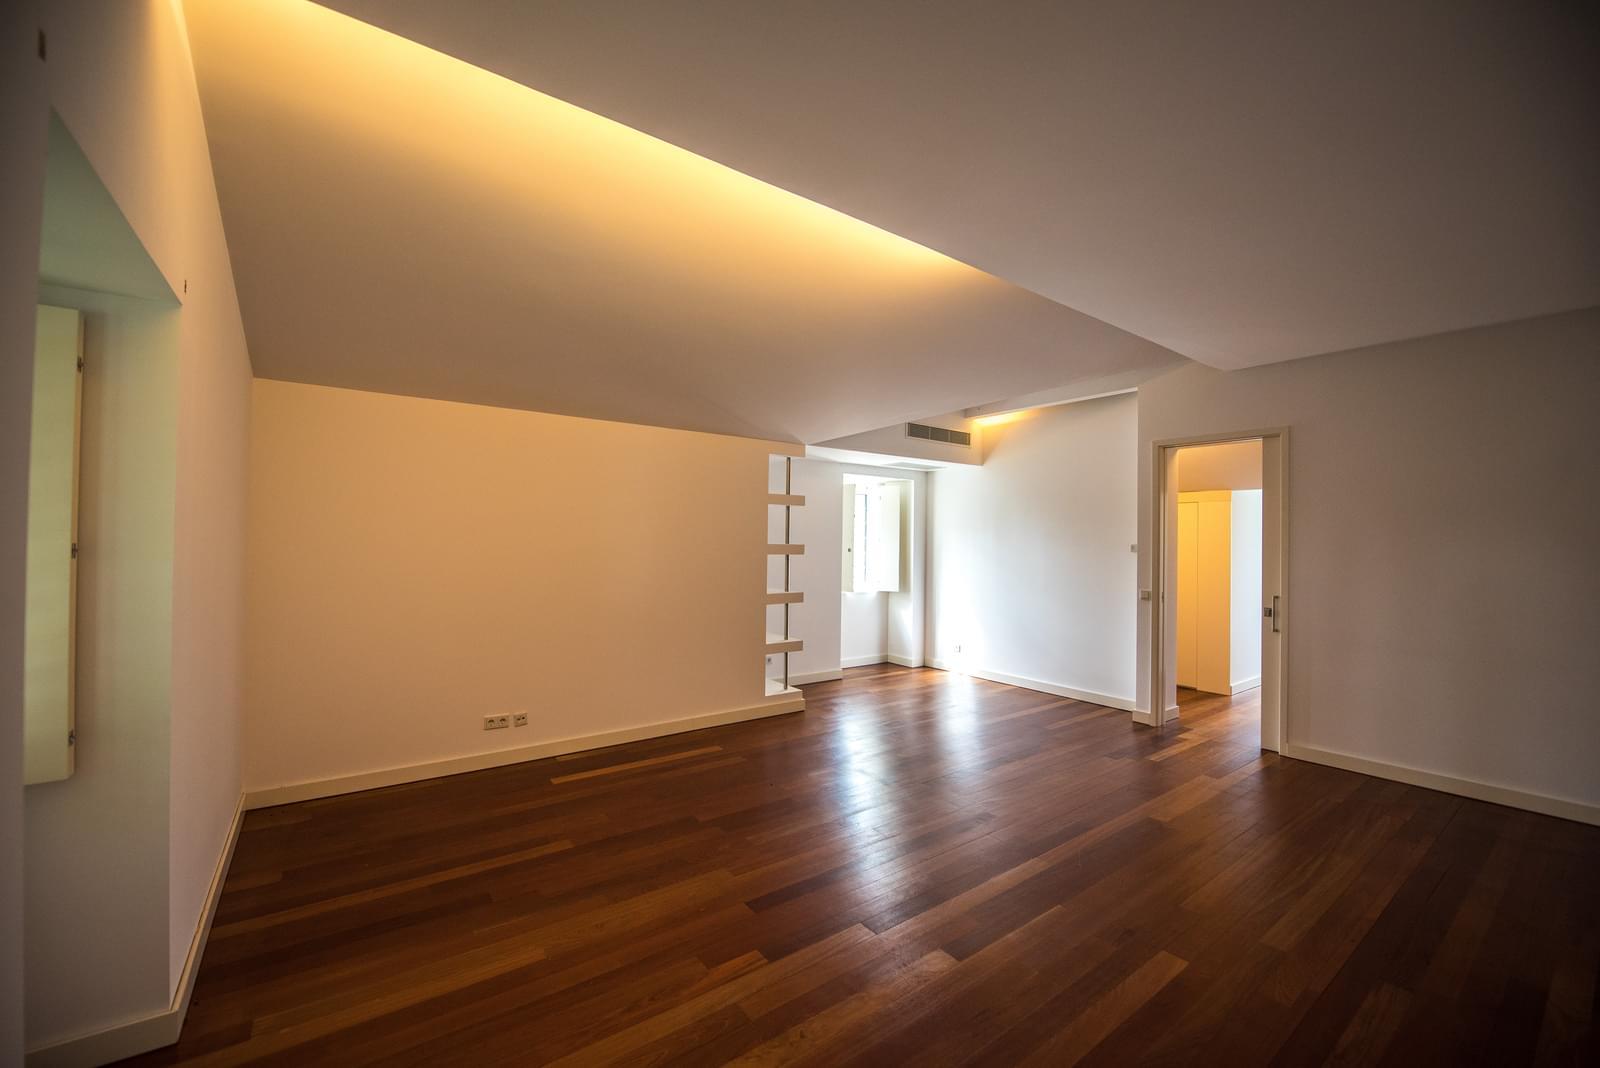 pf19211-apartamento-t4-lisboa-c4a7b511-e967-442d-b463-8ae26b359bbf